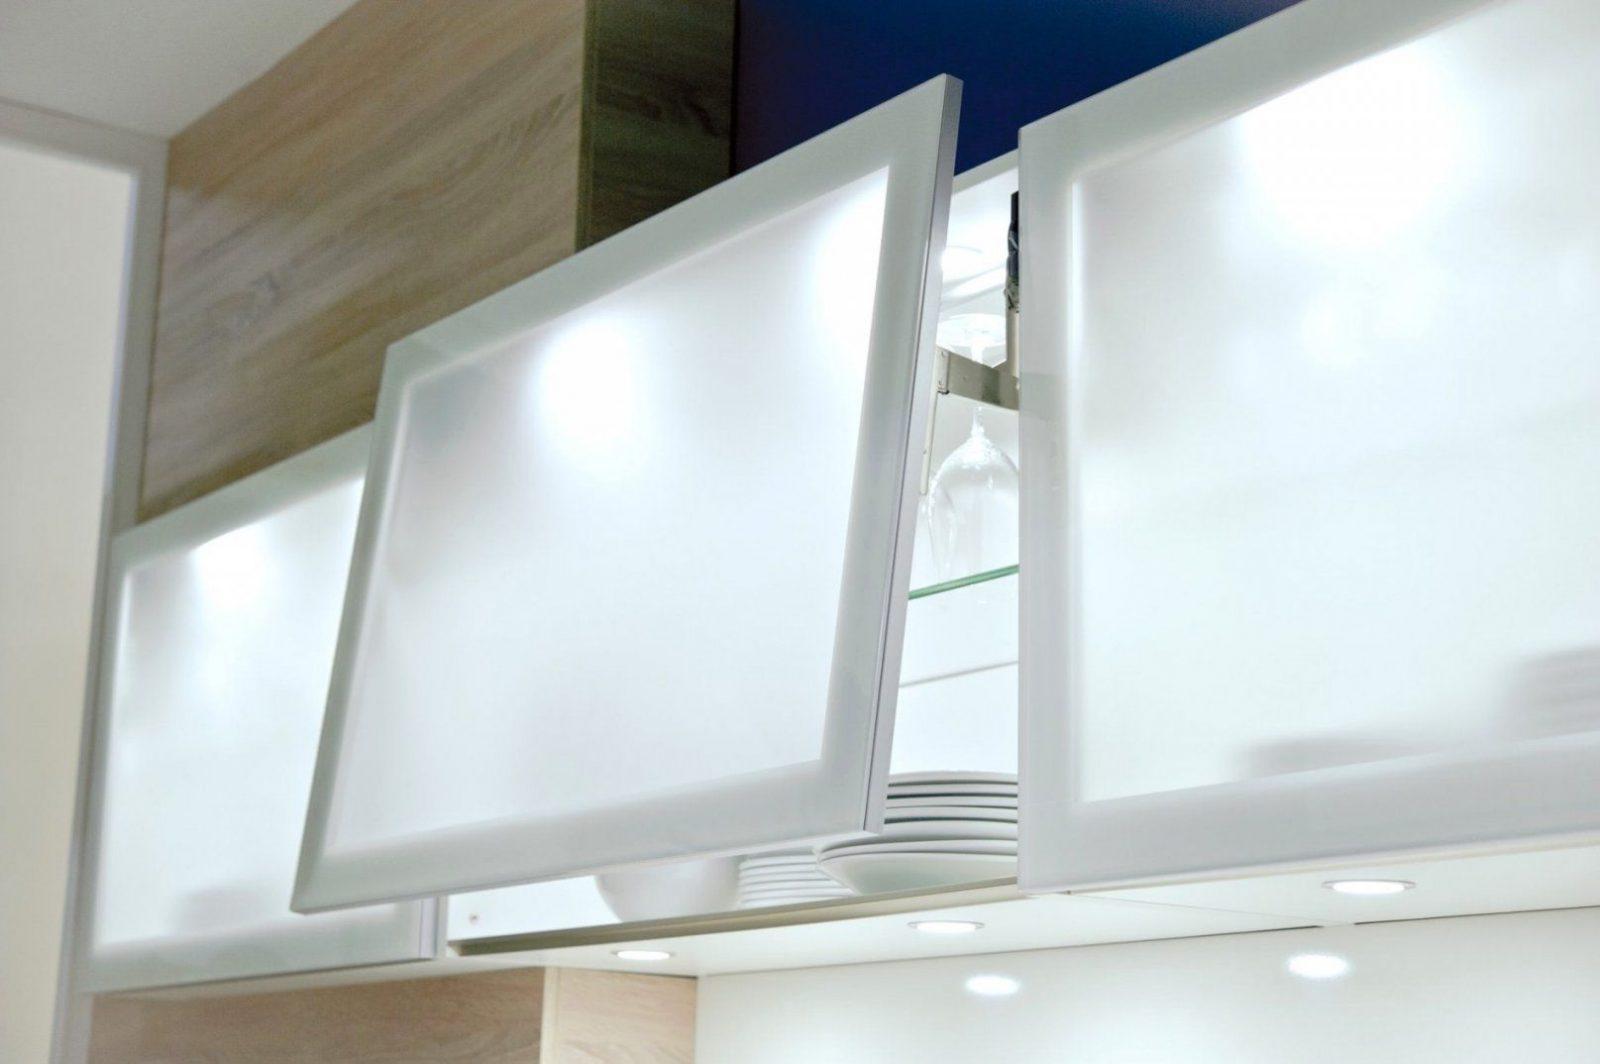 Oben Groß Küche Hängeschrank K C3 Bcchenh A4Ngeschrank Haus Zum von Küchen Hängeschrank Mit Schiebetüren Bild